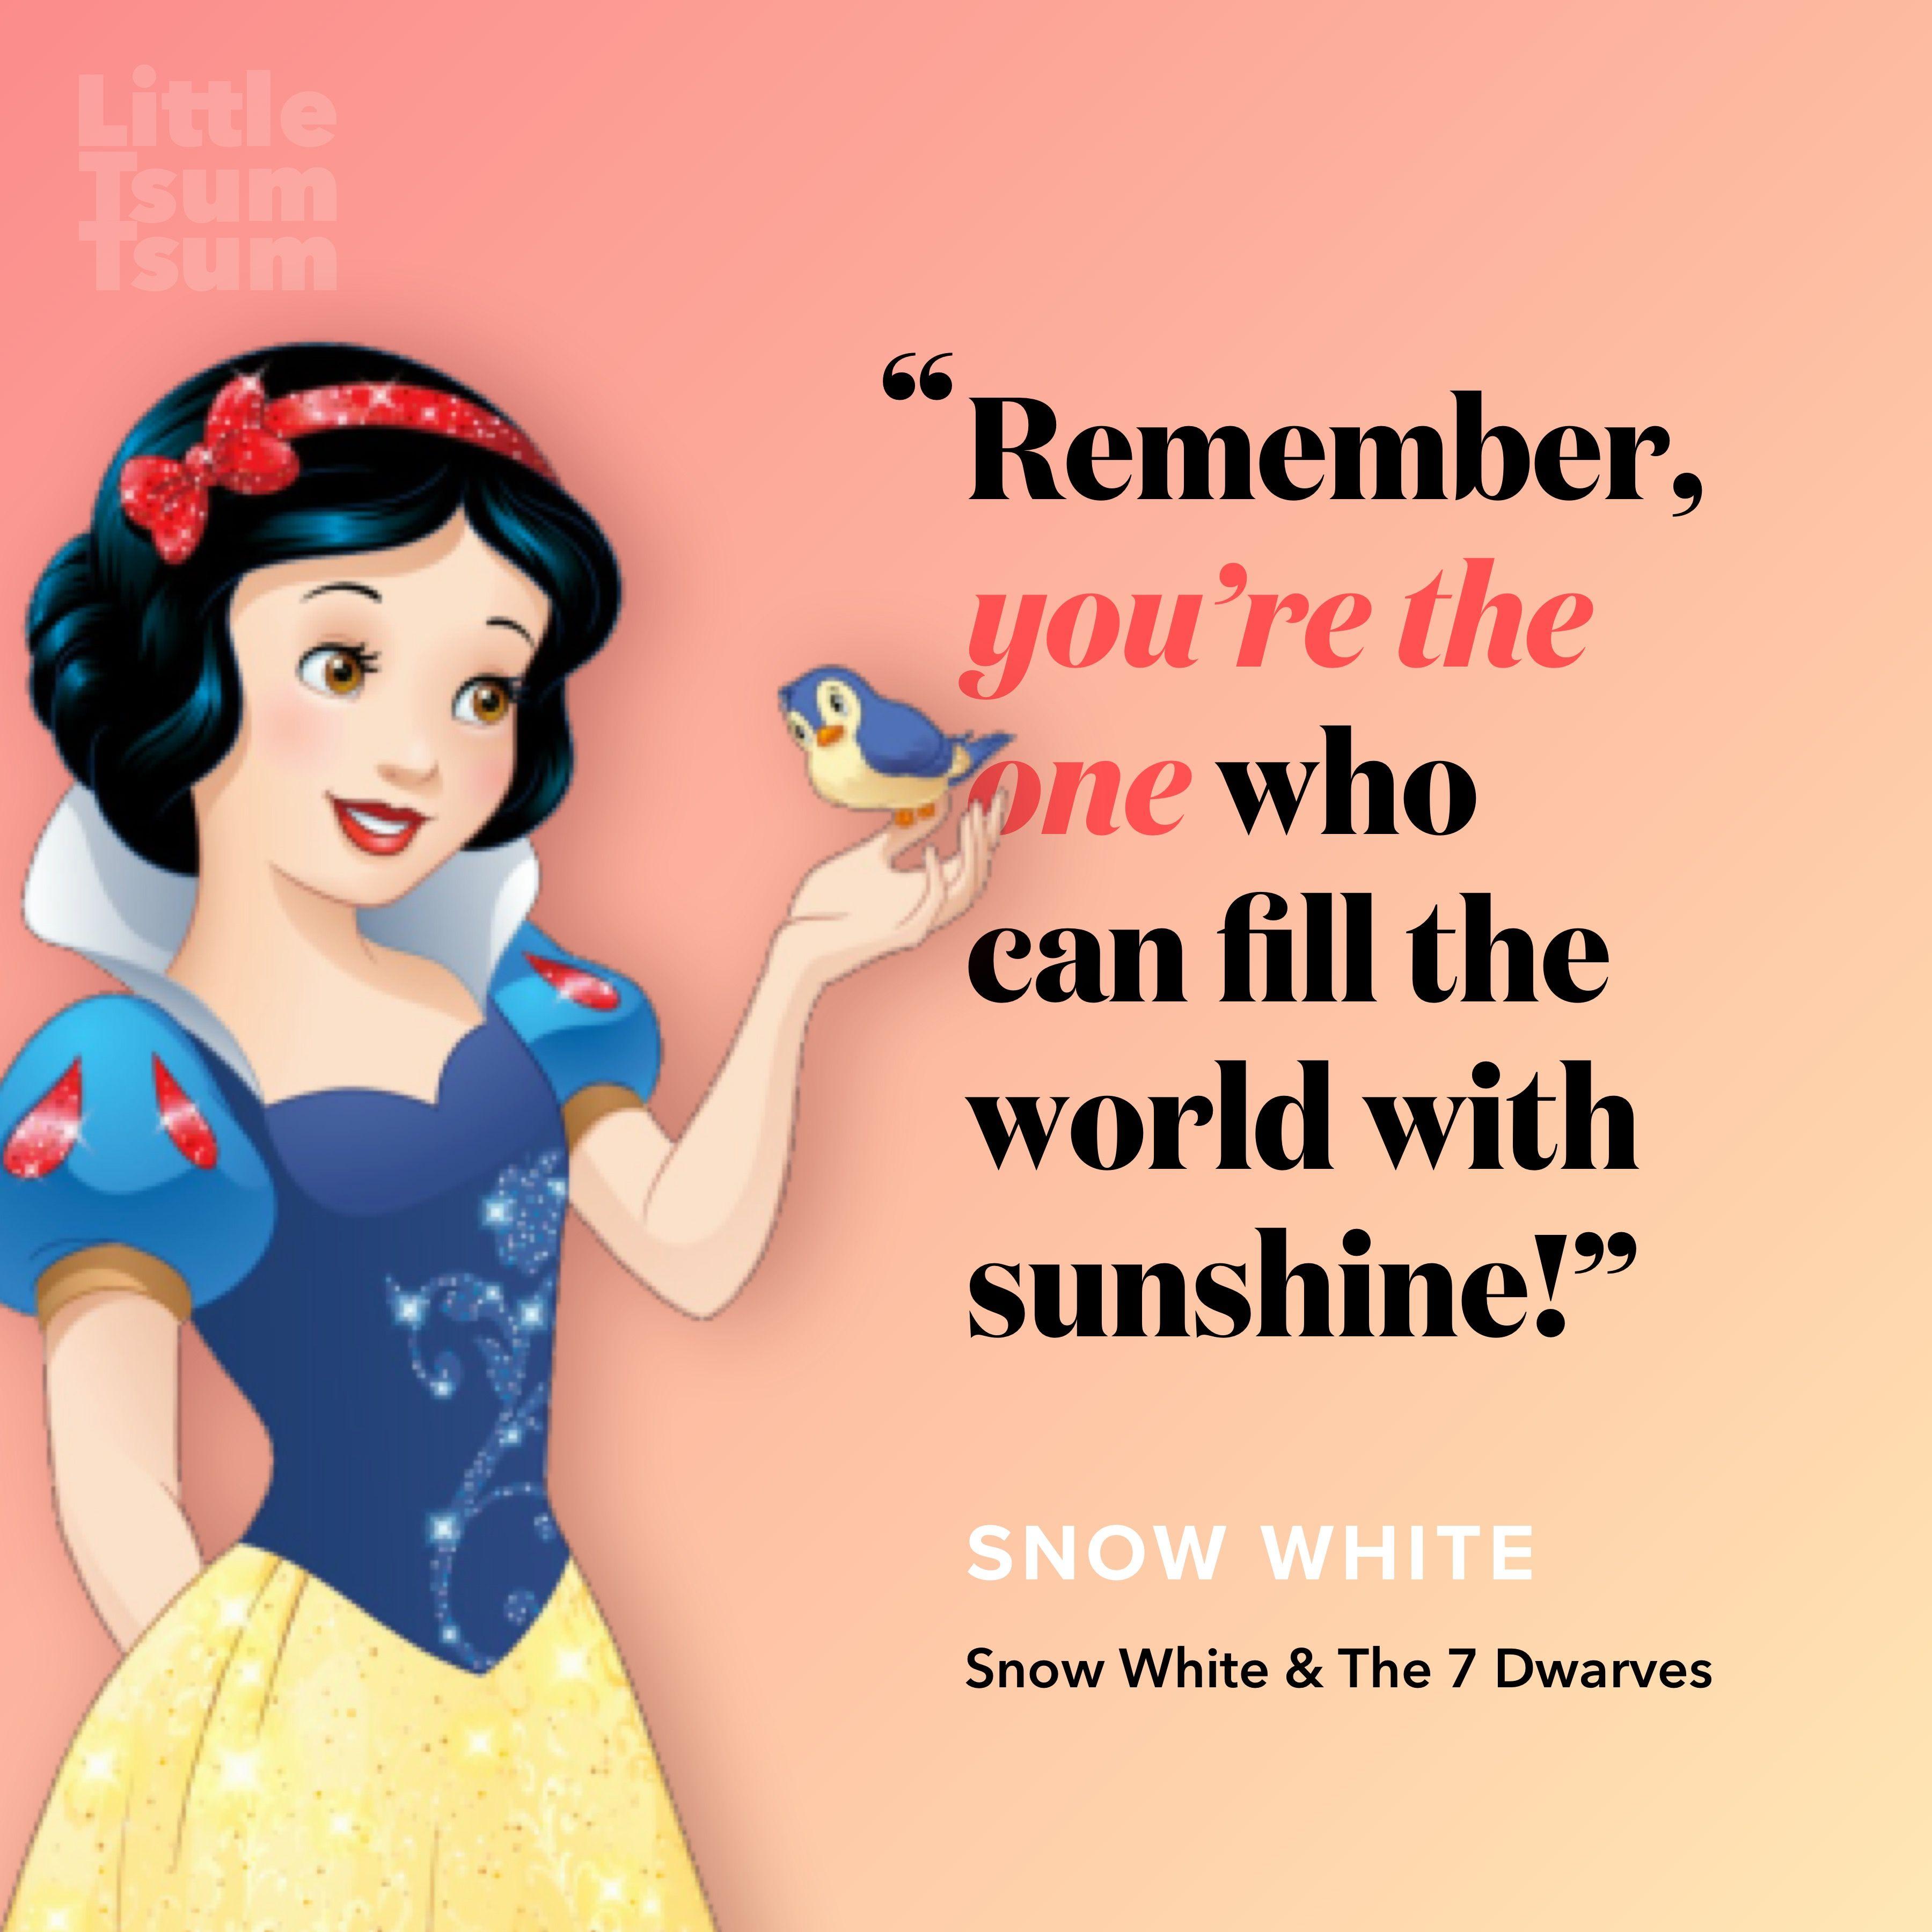 Disney Quotes snowwhite